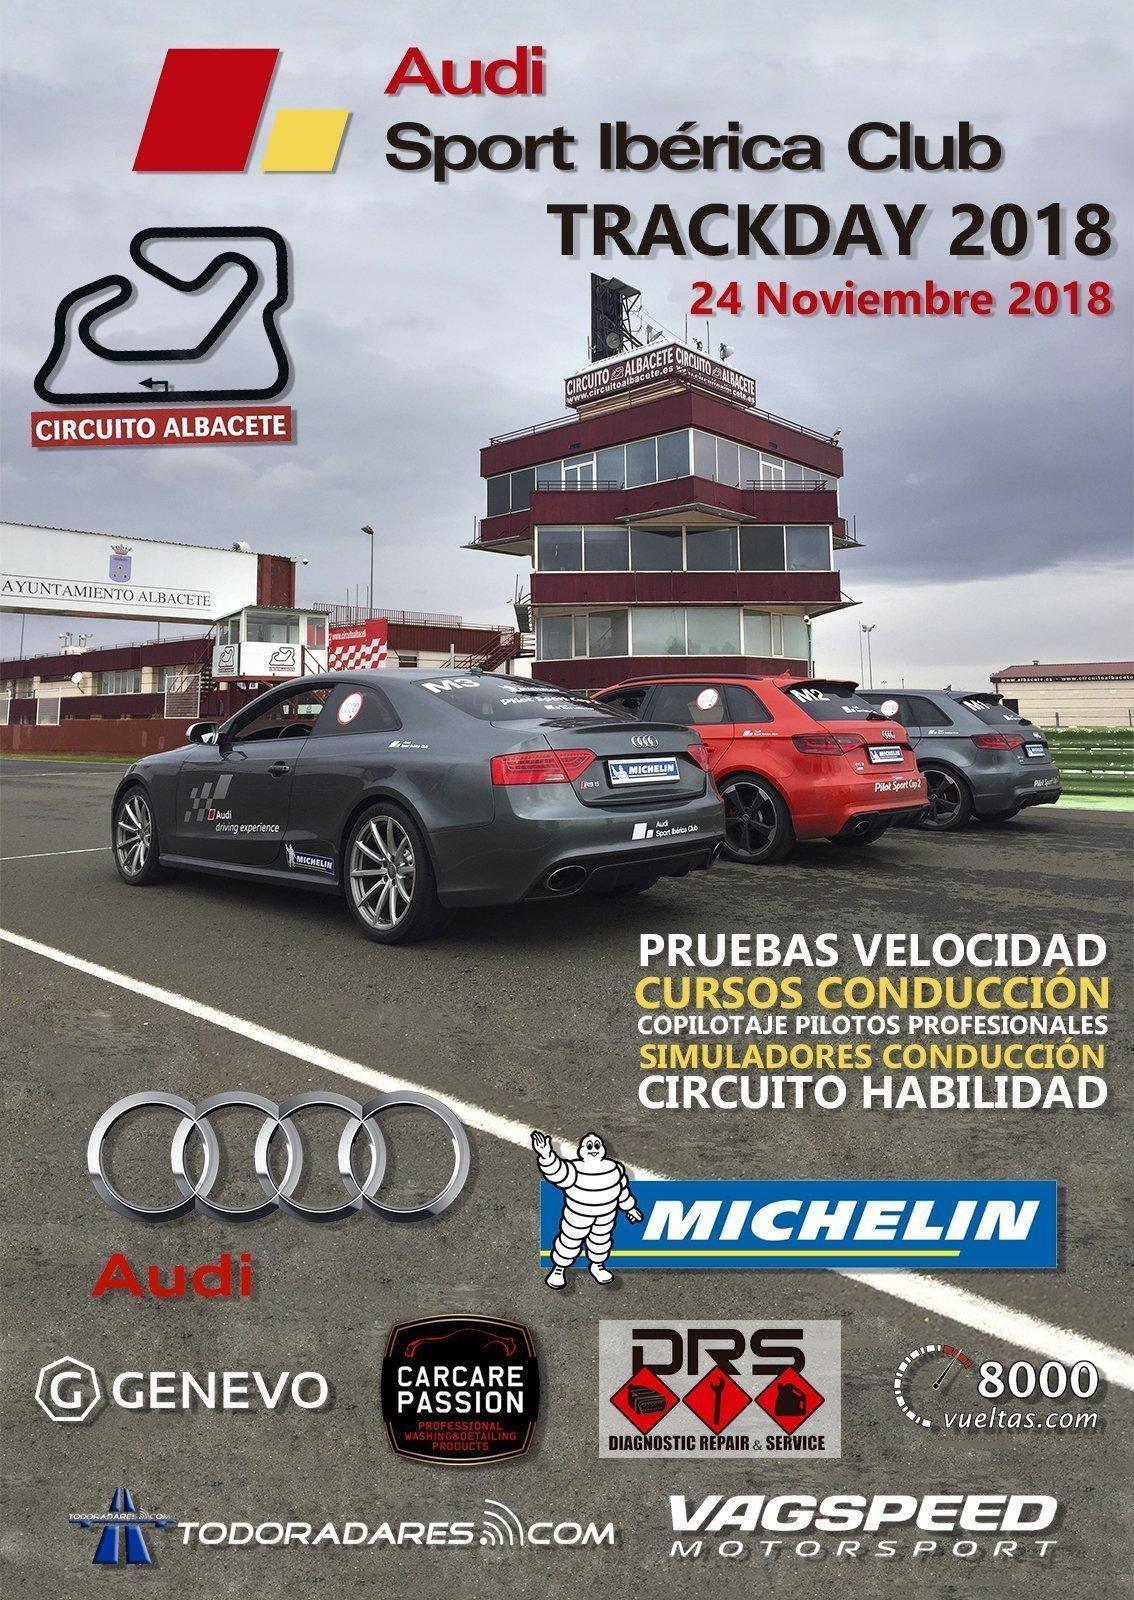 IV Trackday Audi Sport Iberica Club Circuito Albacete 2018